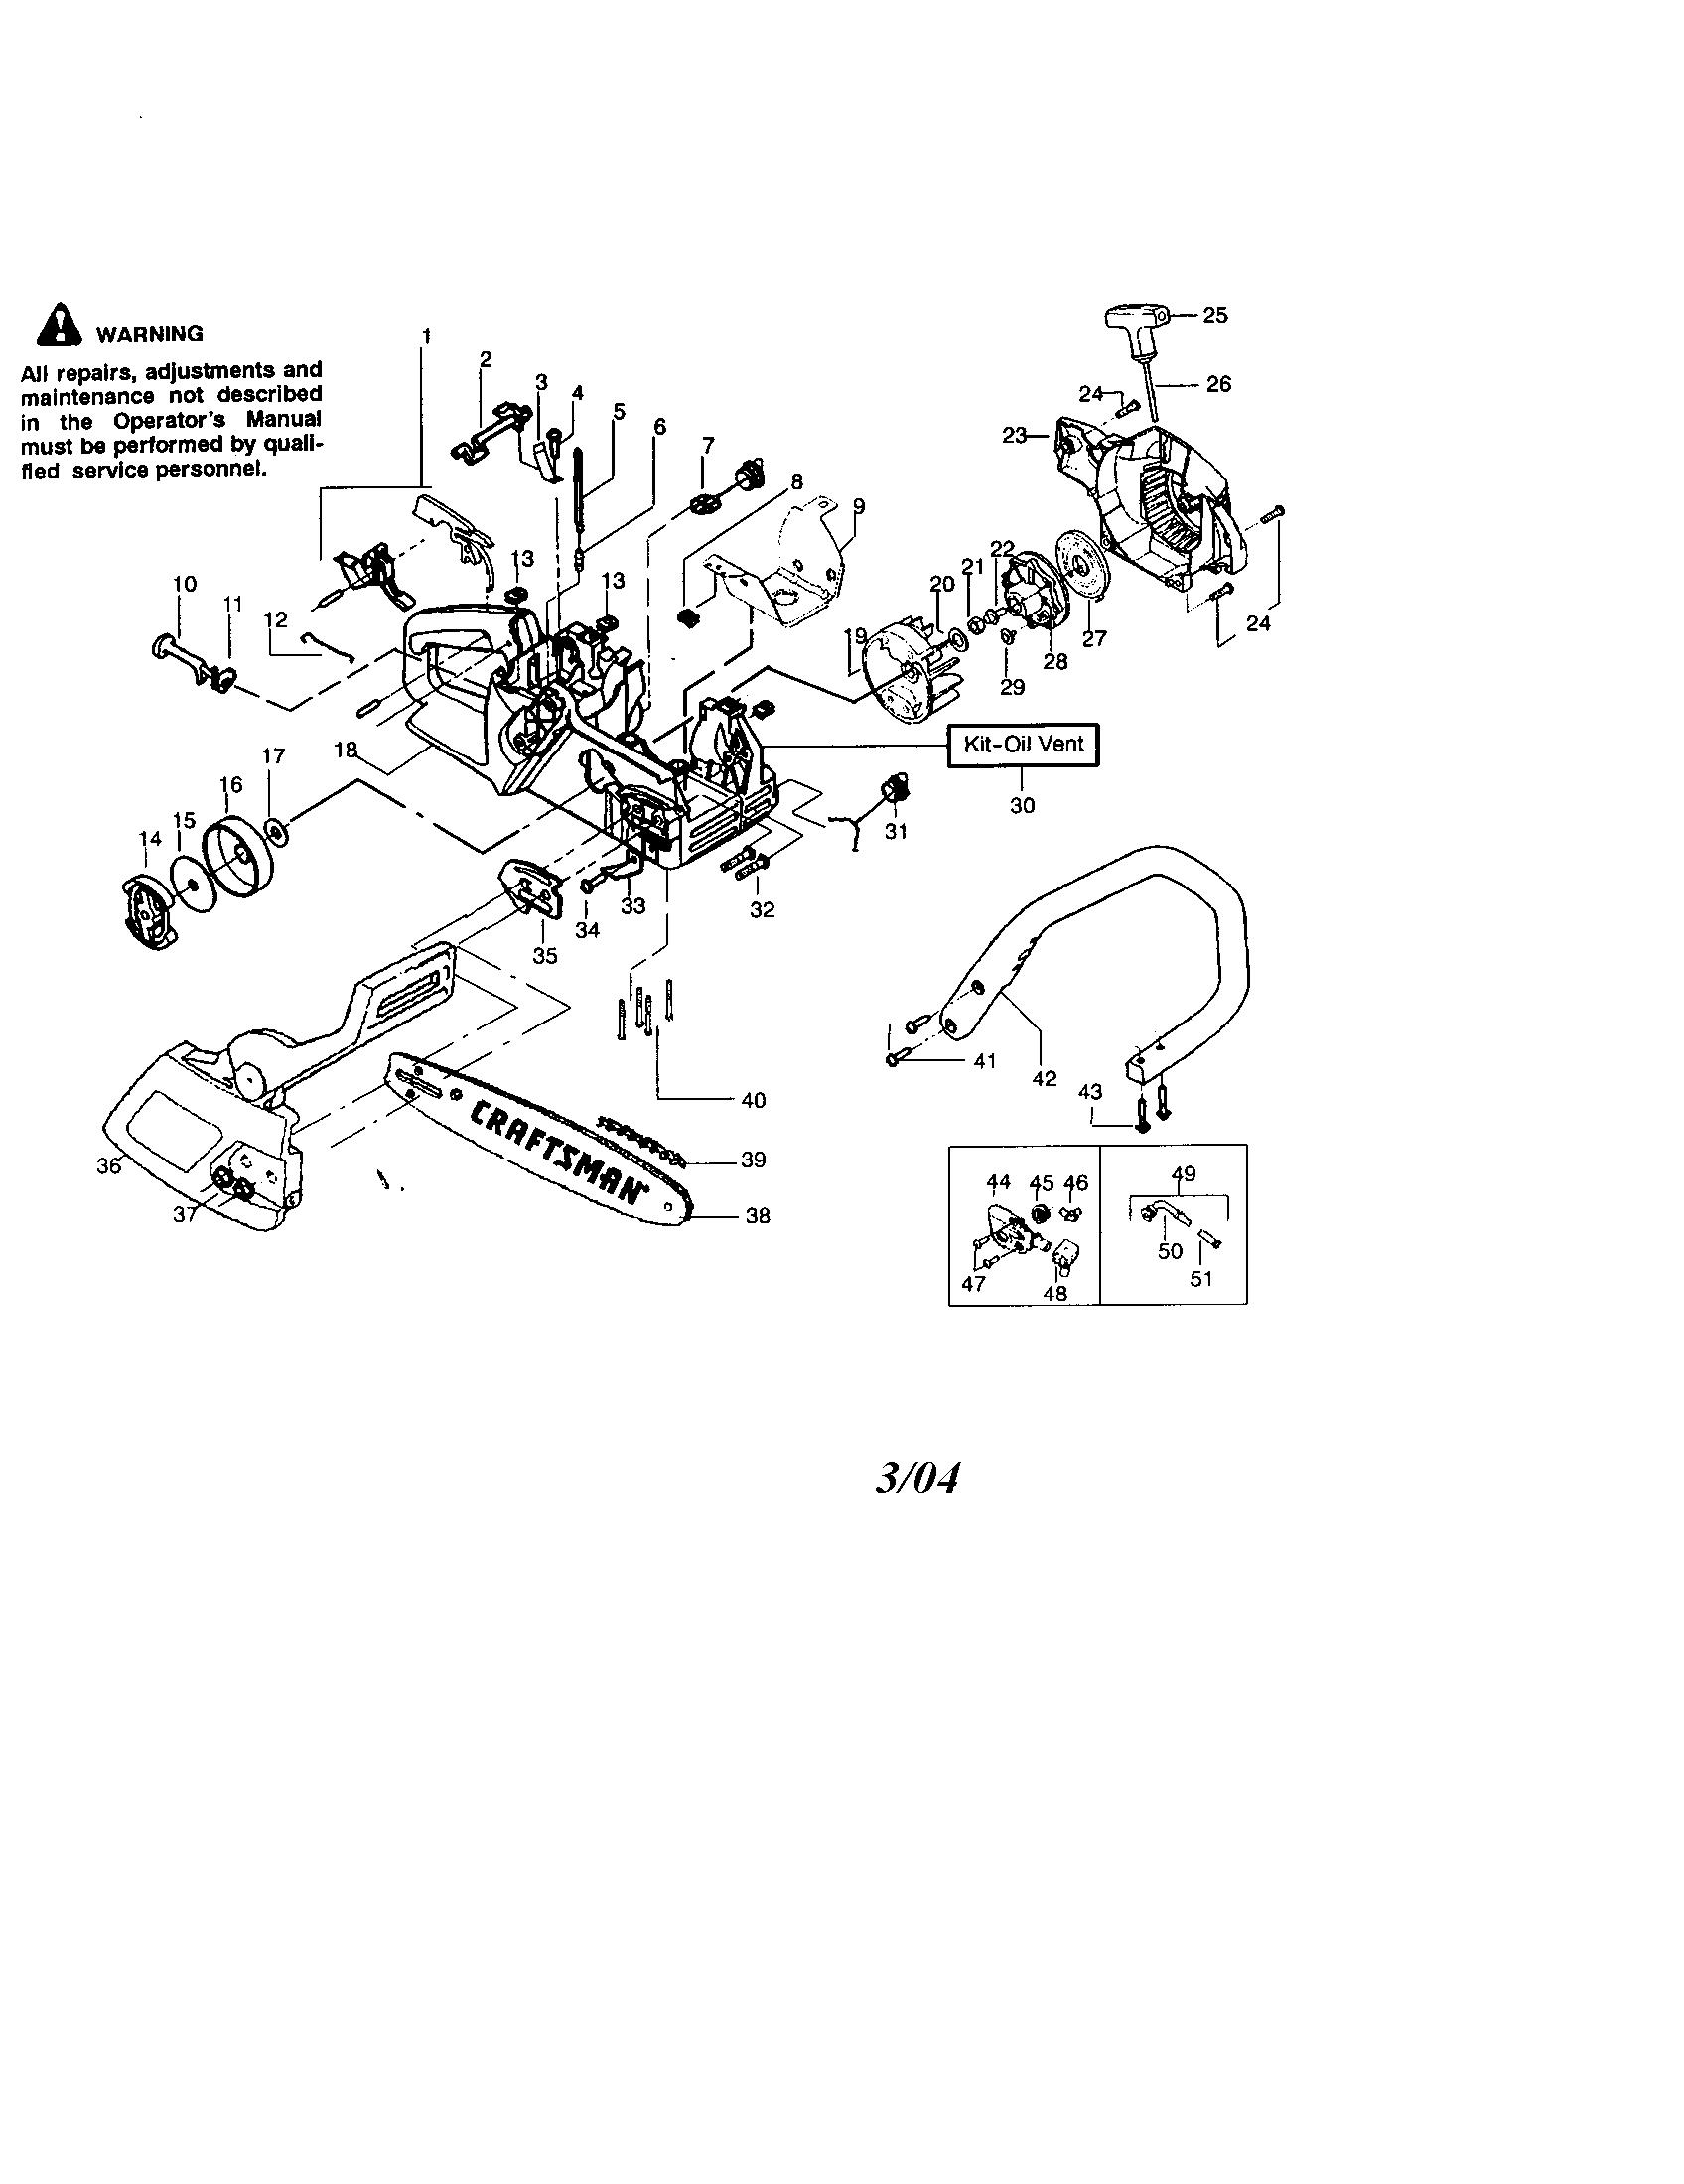 [WRG-7916] Craftsman 42cc Chainsaw Carburetor Engine Diagram